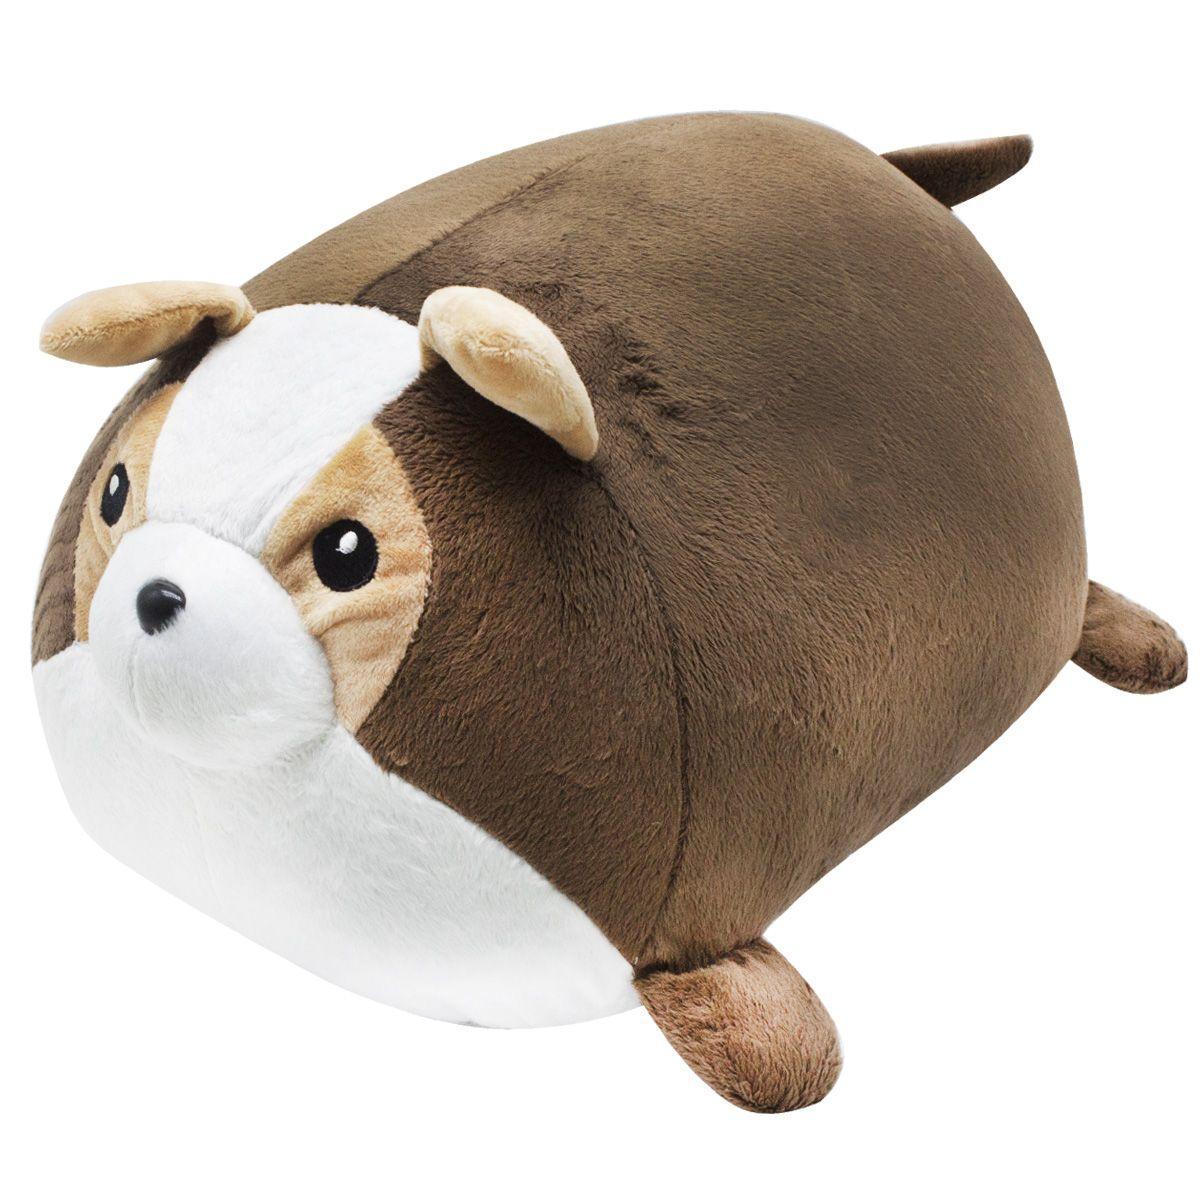 Плюшевая игрушка подушка валик Boxi Мопсик 45 см коричневый